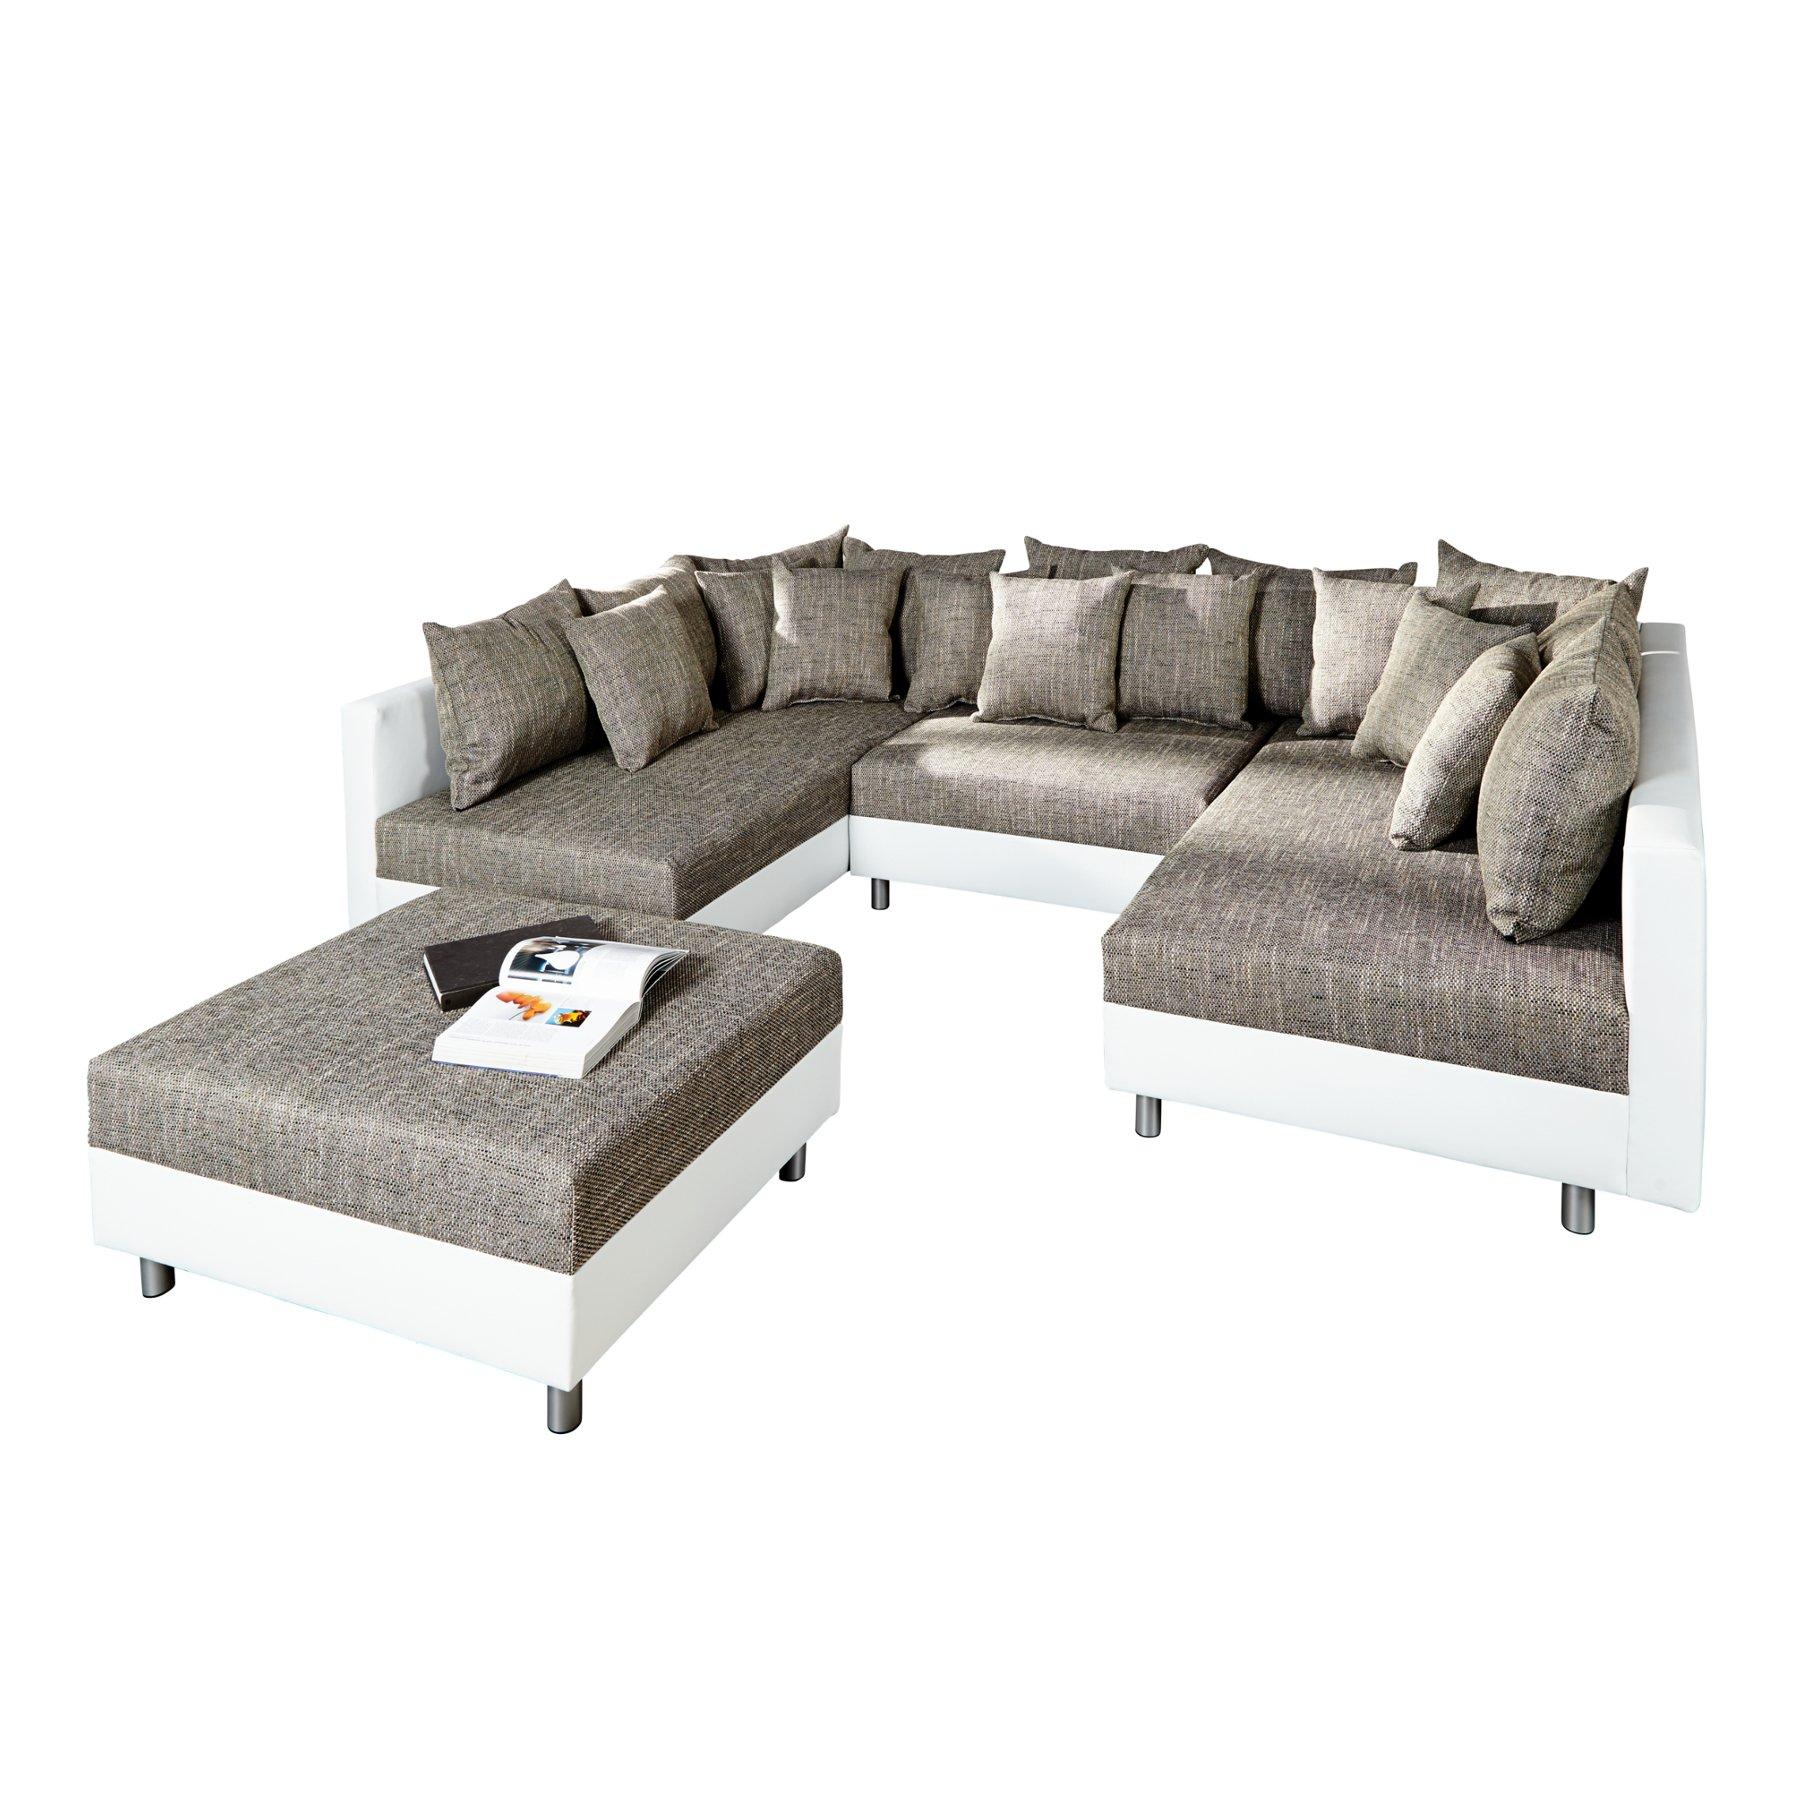 Wohnzimmer Couchgarnitur: Amazon.de